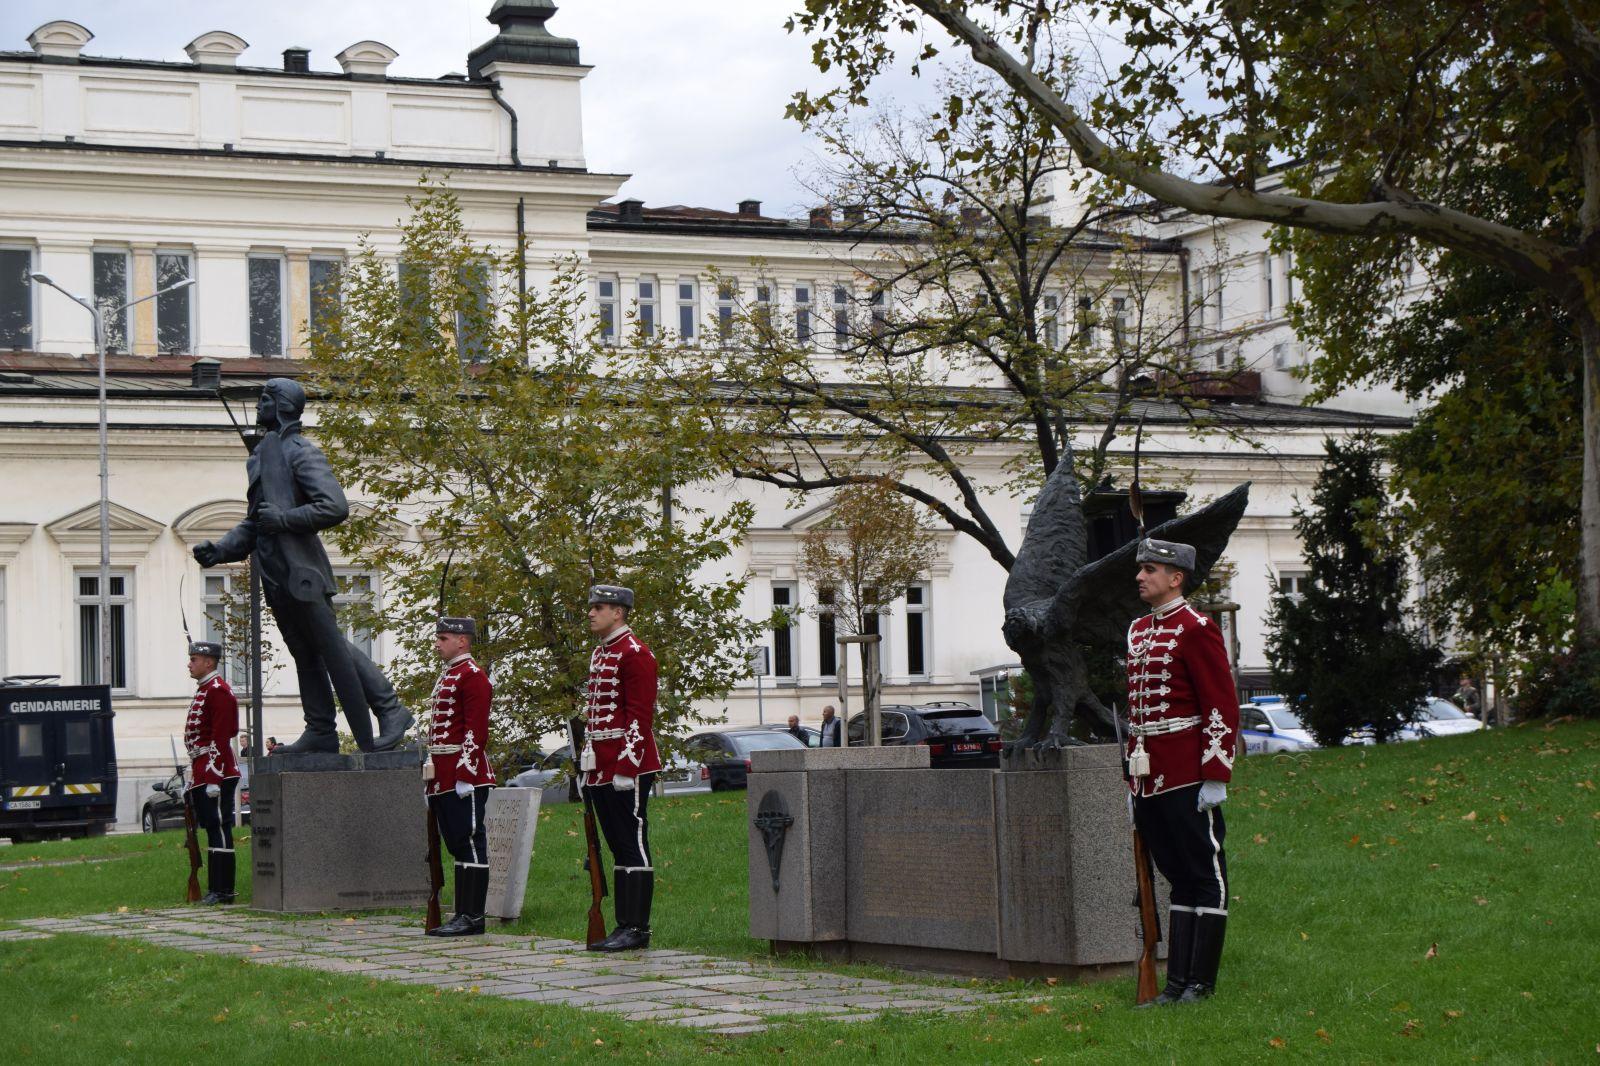 16 октомври - Празник на ВВС - Политическото и военното ръководство: 2020 г. ще остане паметна за българските ВВС белязана от модернизация и ремонти на техника (ГАЛЕРИЯ)